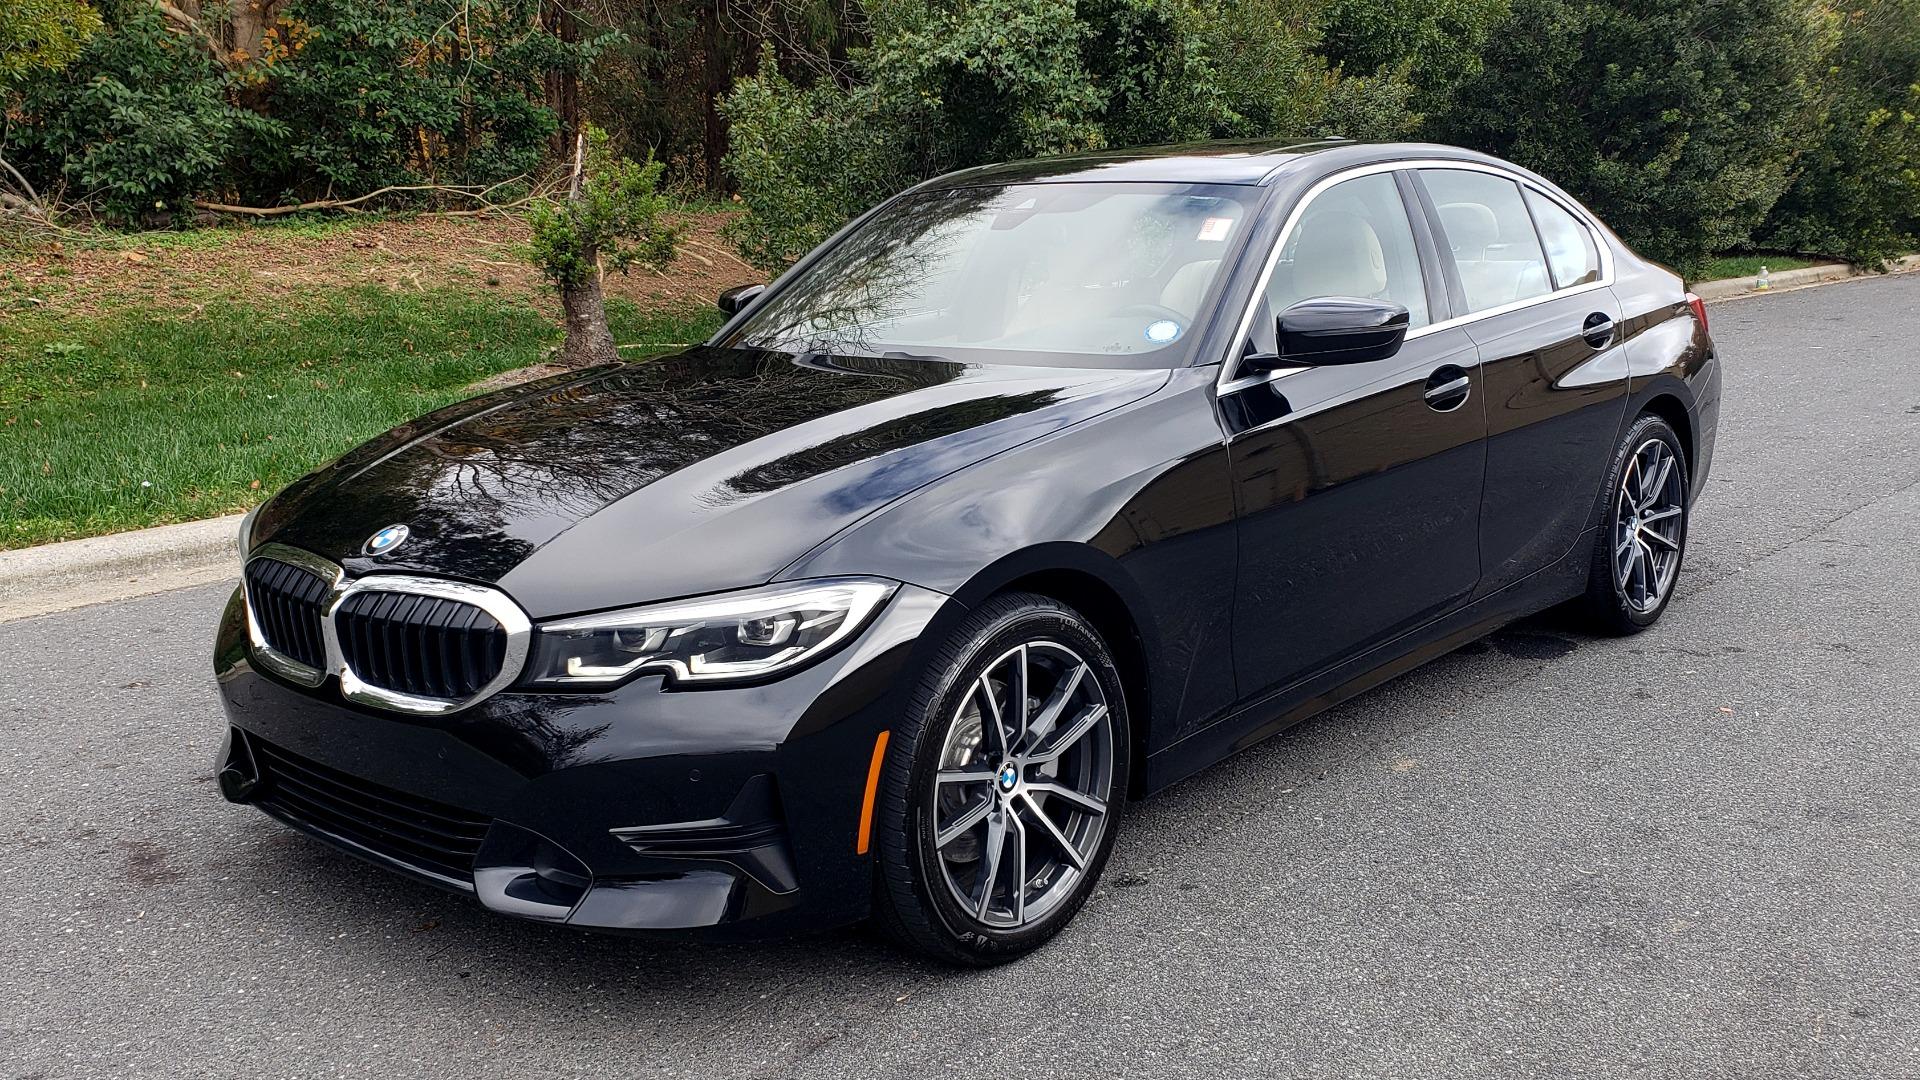 Used 2019 BMW 3 SERIES 330I PREM PKG / NAV / CONV PKG / H&K SND / LIVE COCKPIT PRO for sale Sold at Formula Imports in Charlotte NC 28227 2